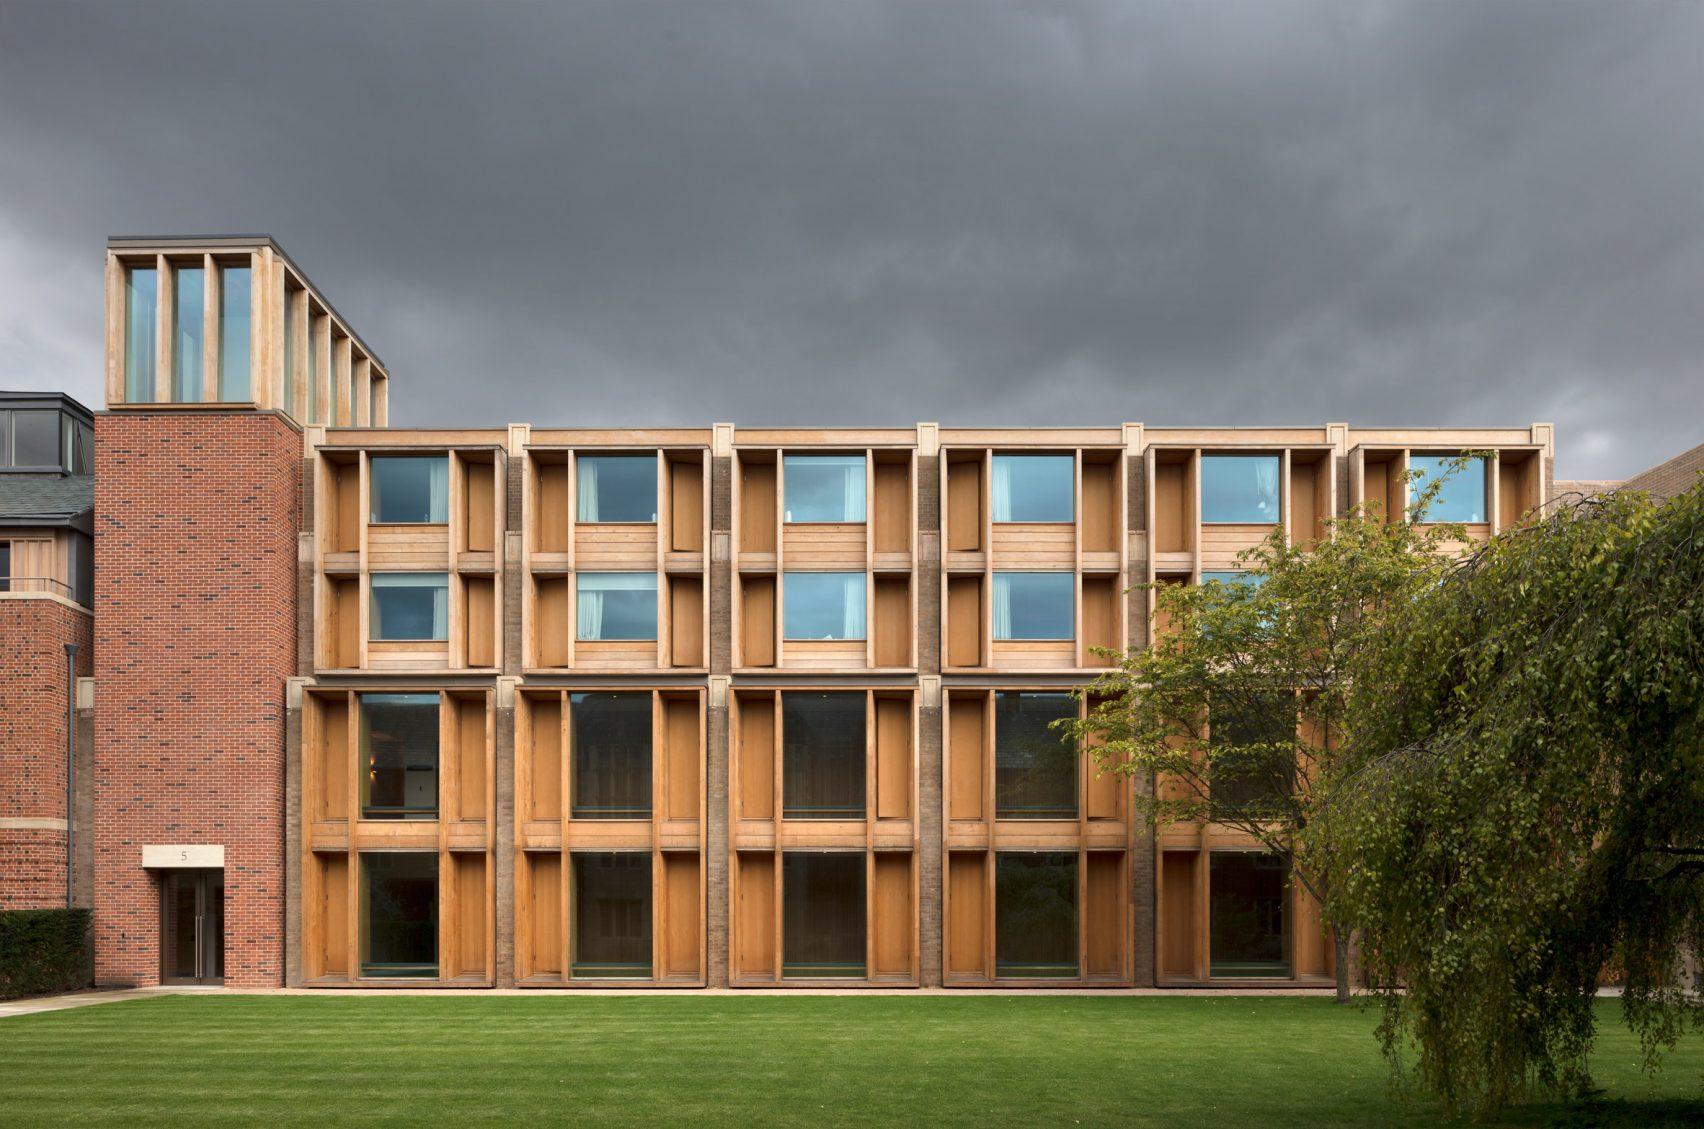 Реконструкция Колледжа Иисуса в Кембридже